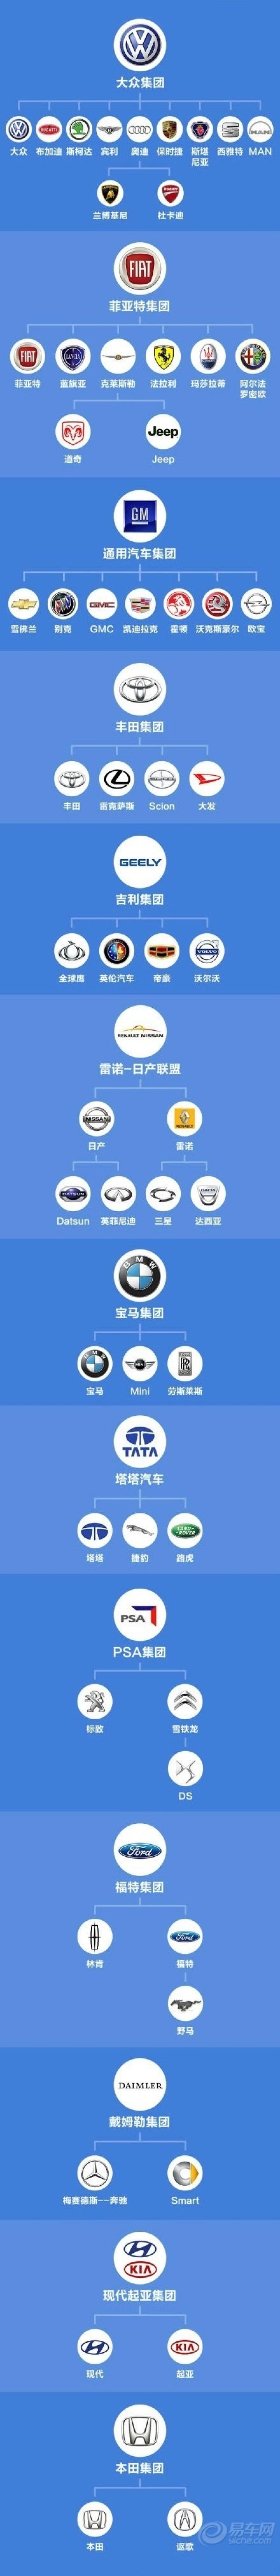 汽车品牌的归属.